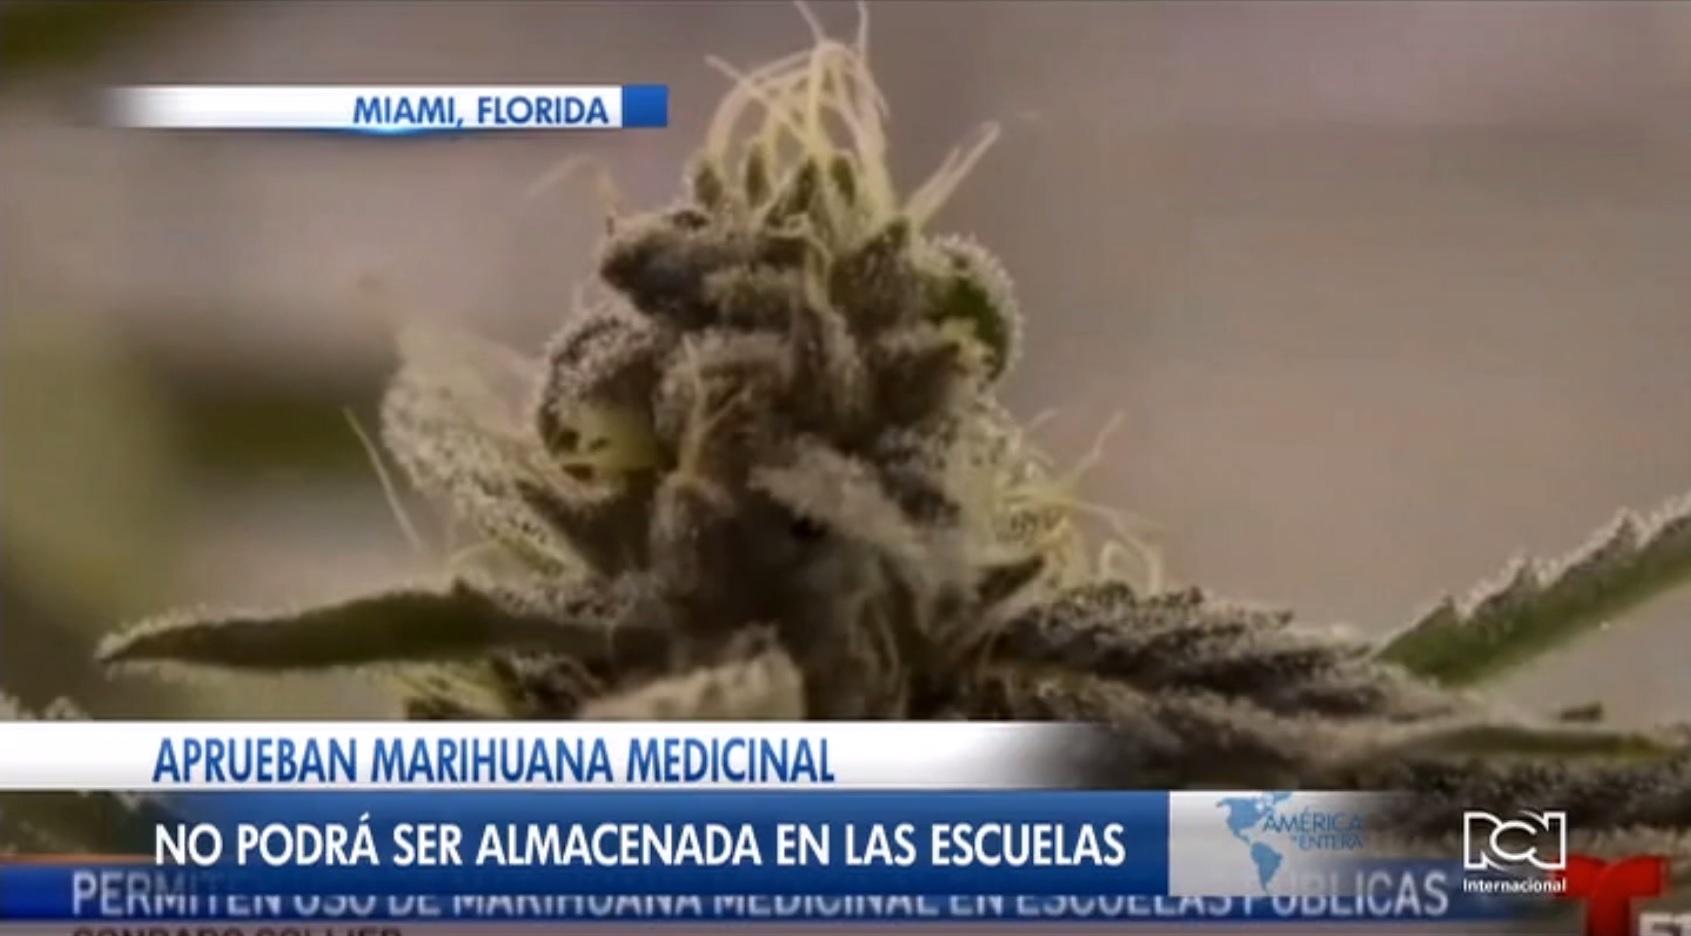 Autorizan el uso de marihuana medicinal en escuelas de Collier, Florida